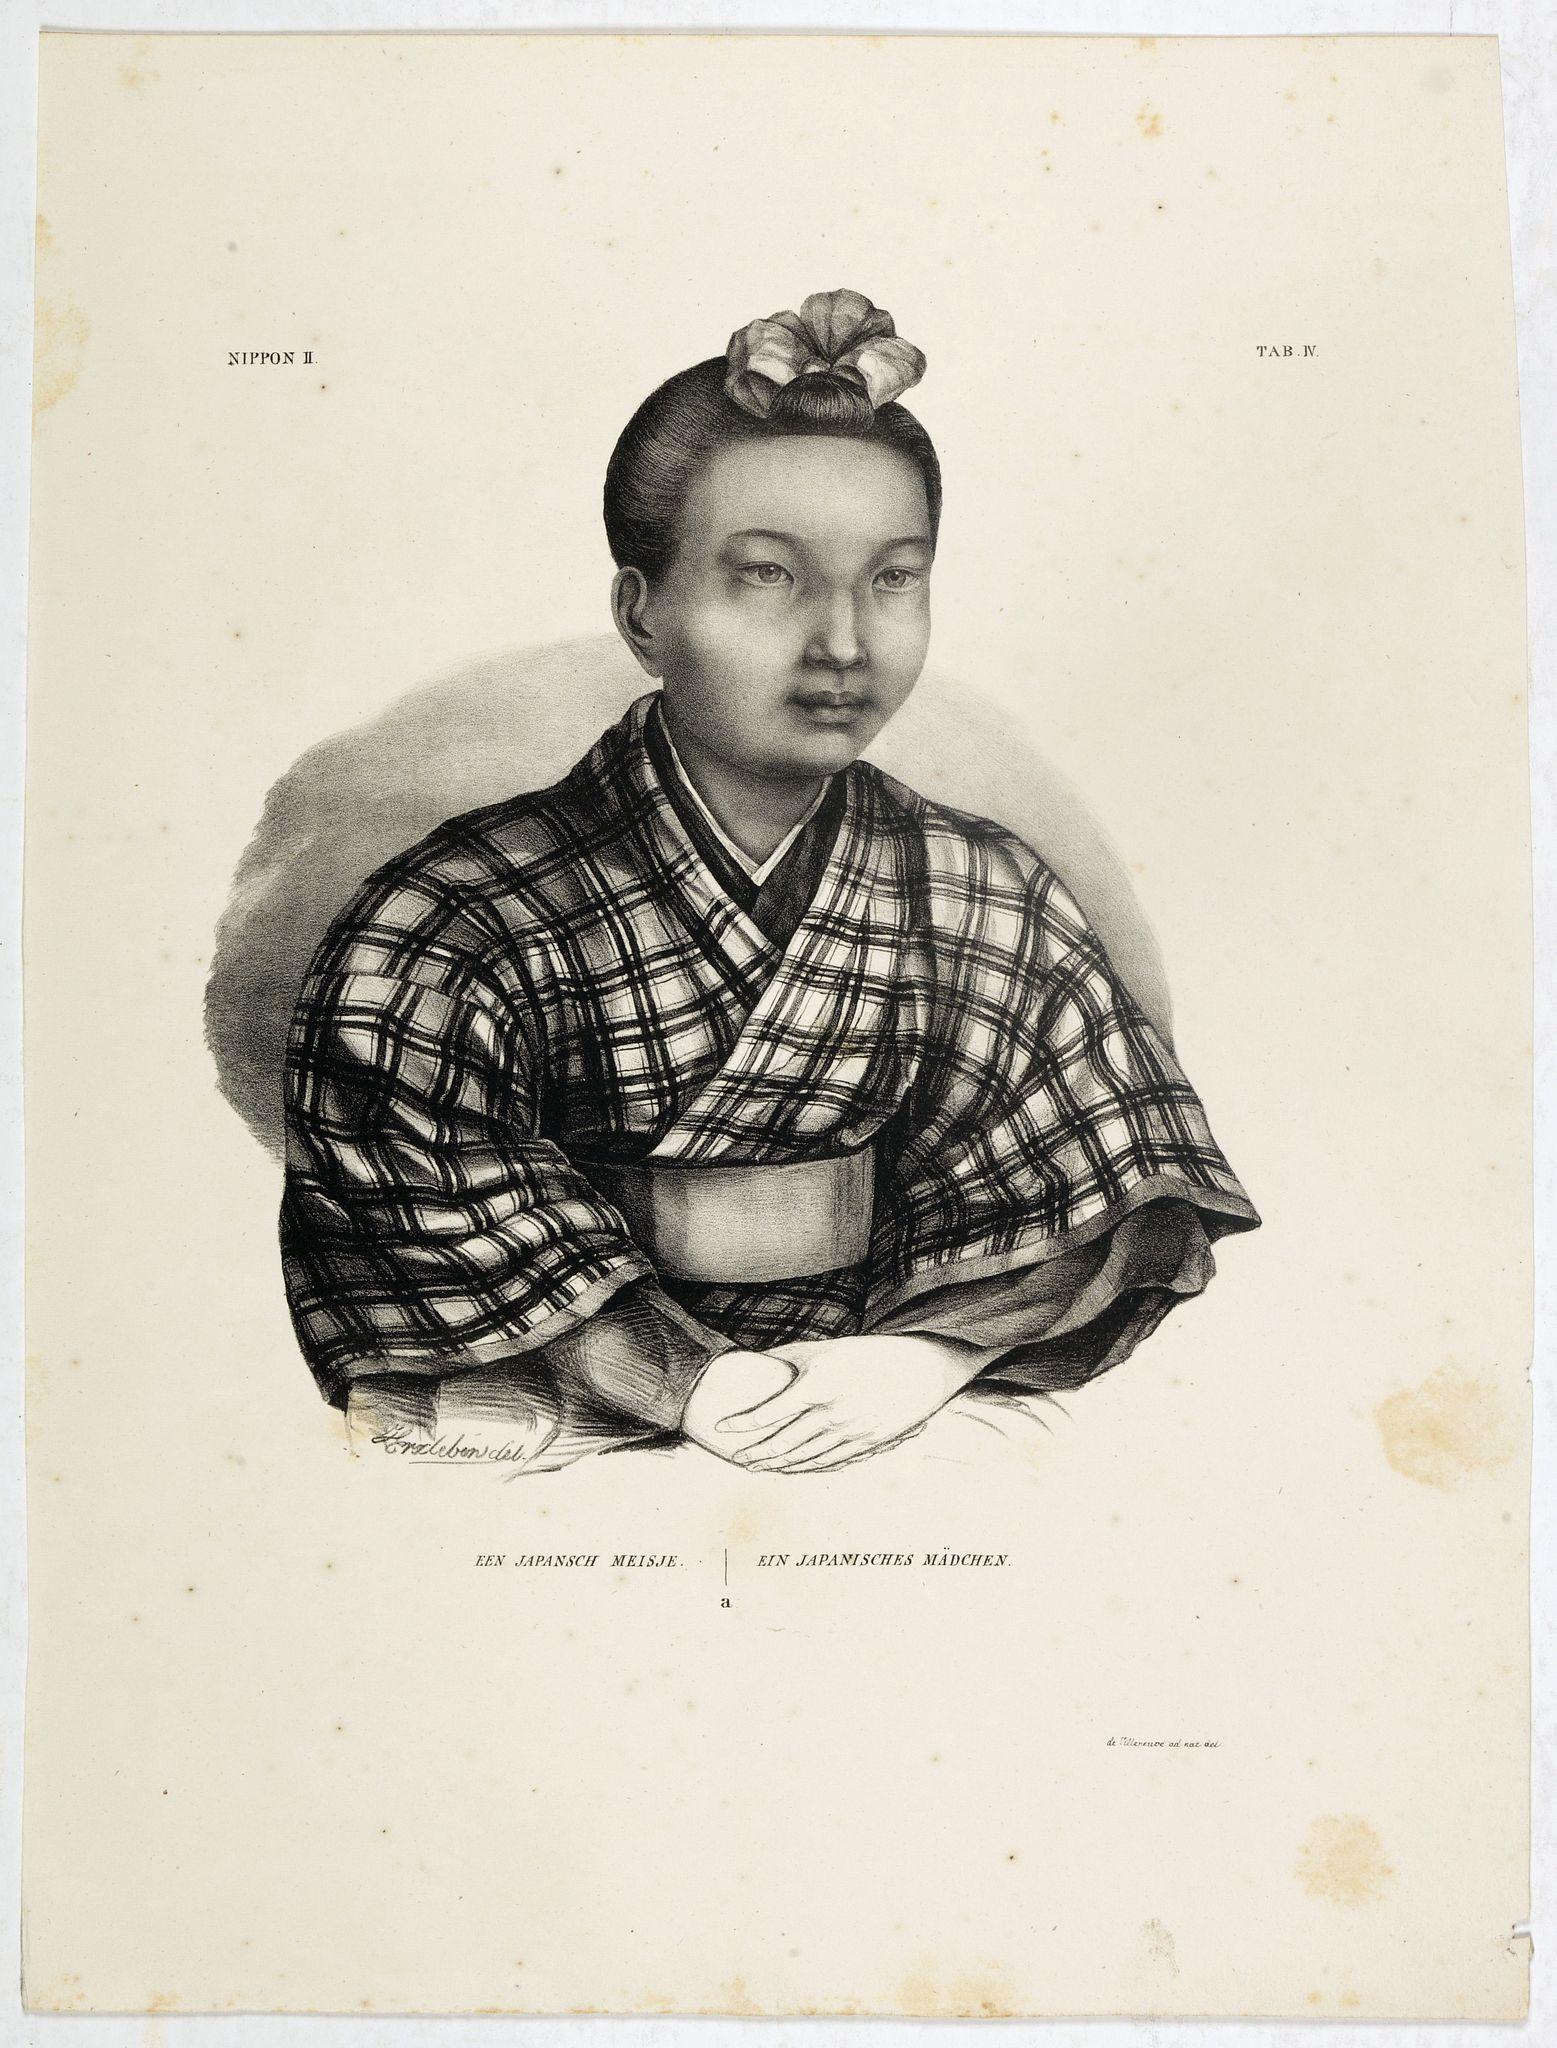 VON SIEBOLD, P.Fr.B. -  Een Japansch Meisje - Ein japanisches Madchen.